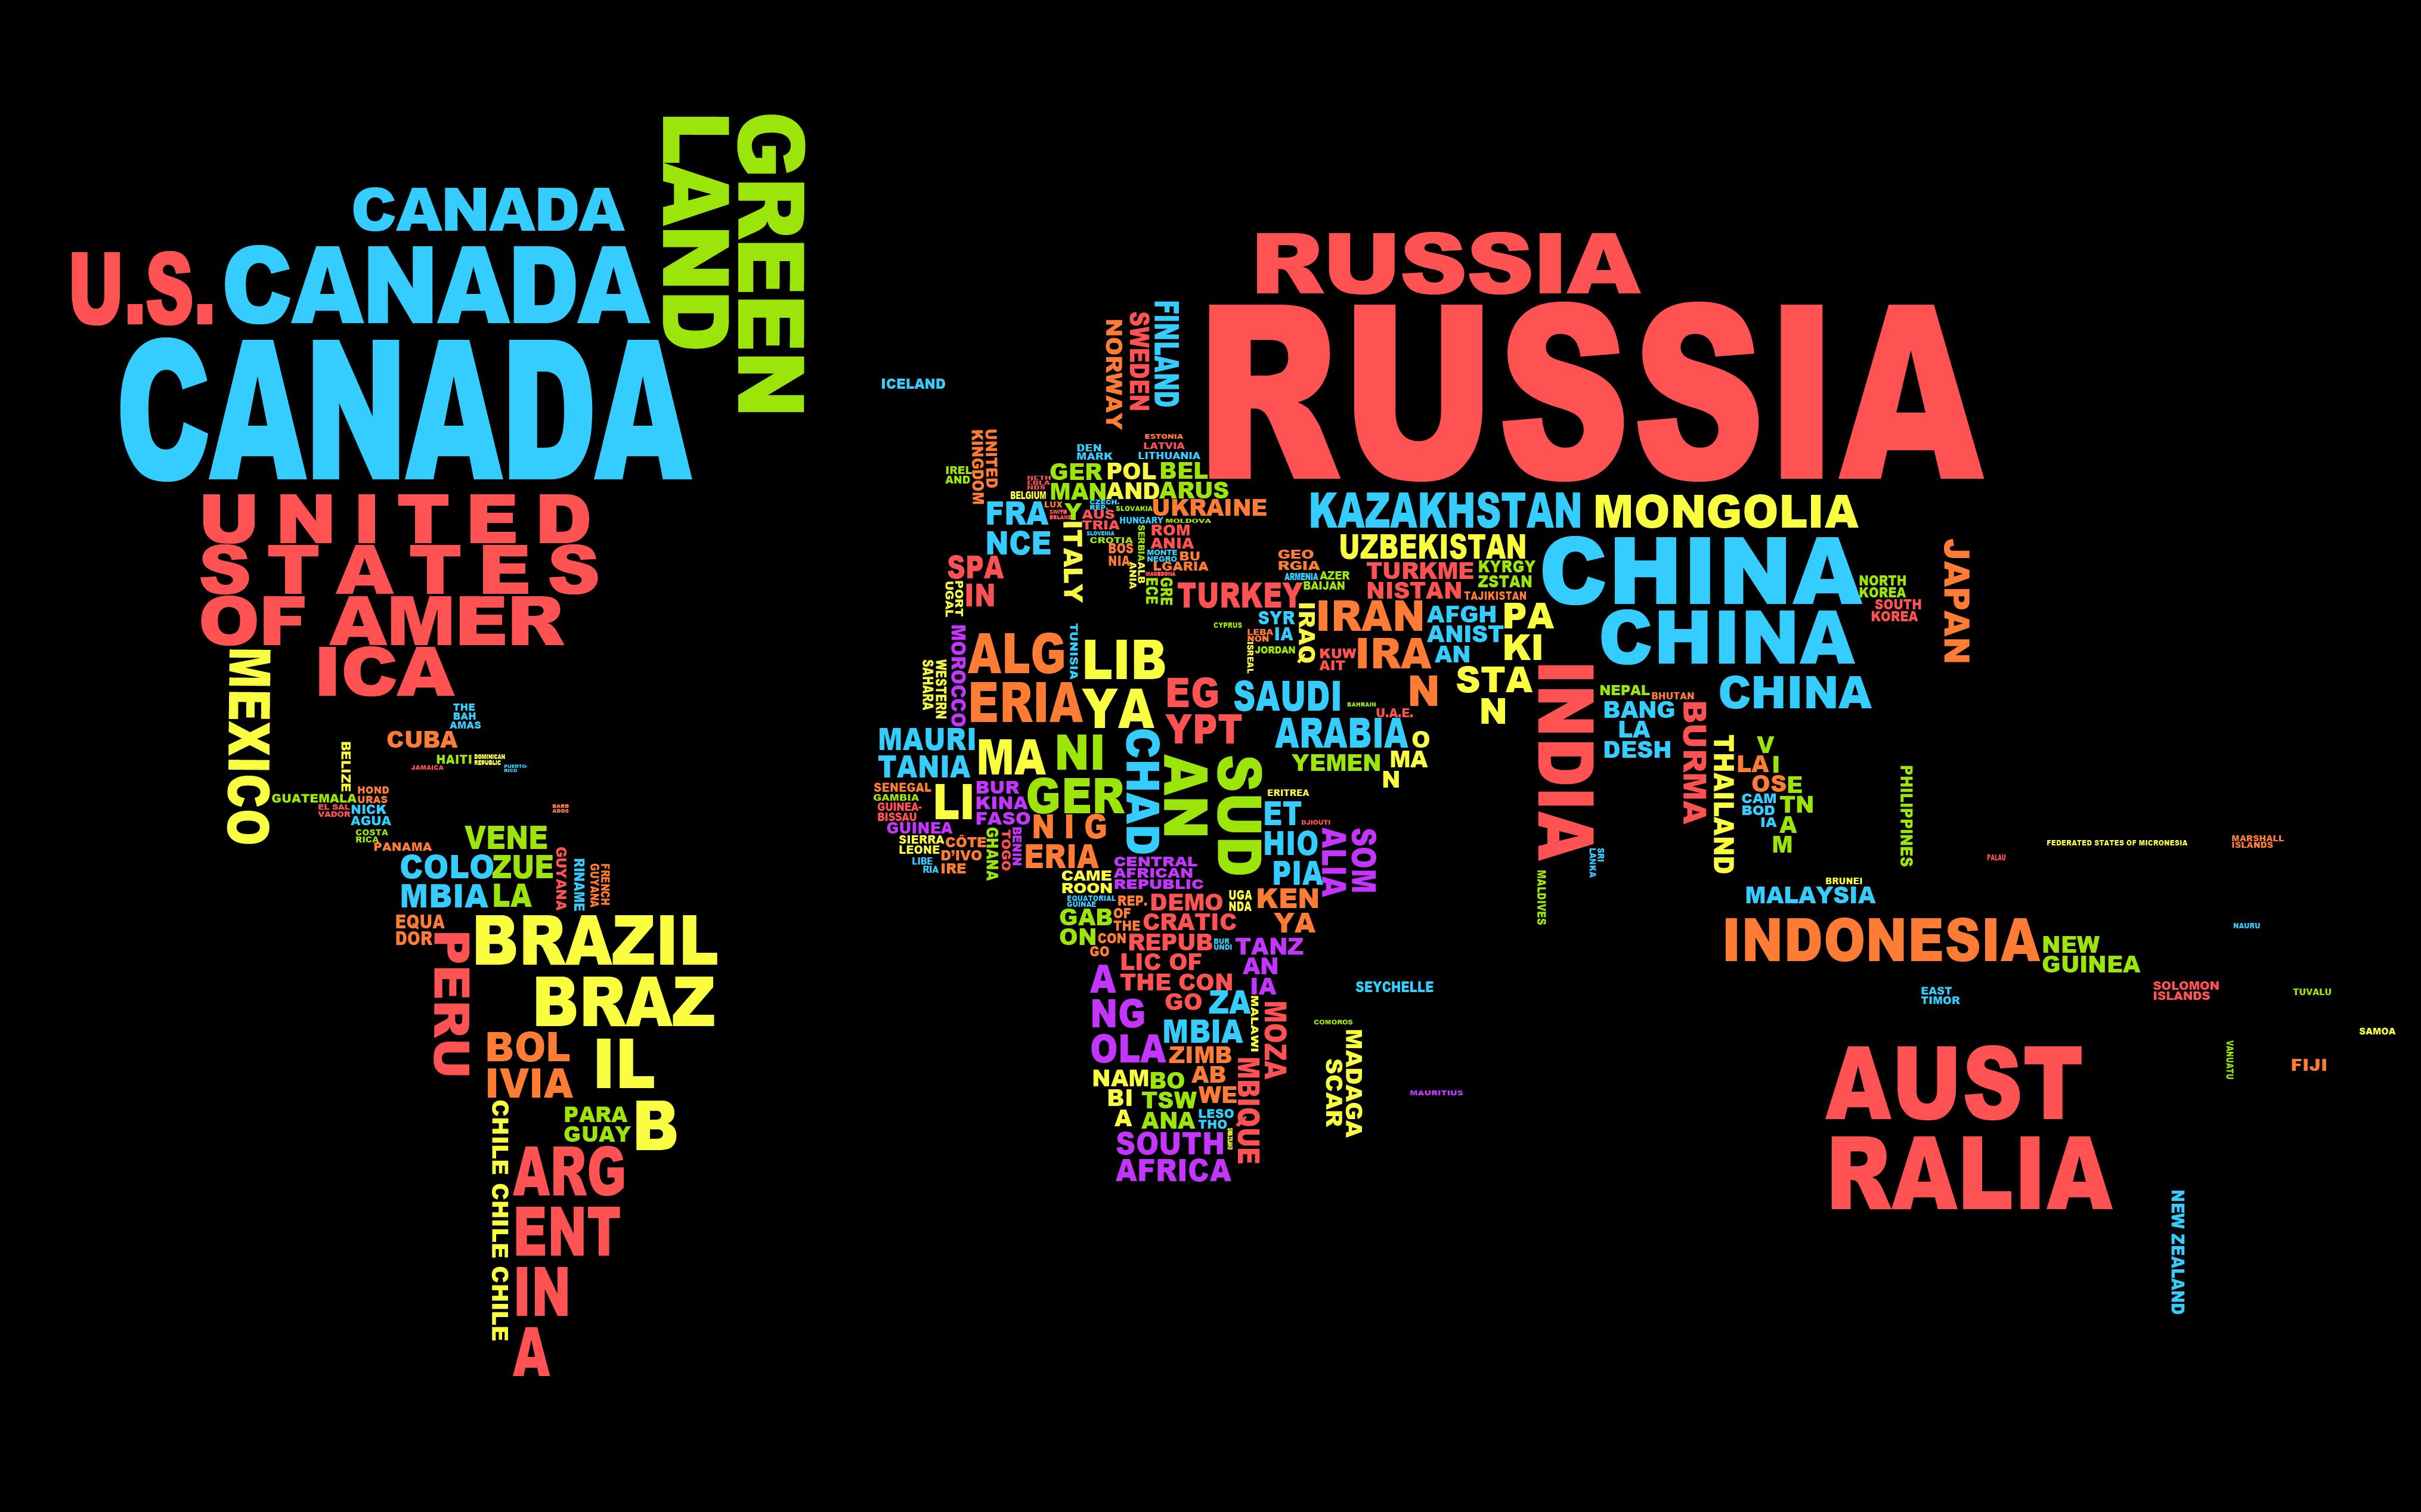 De Dónde Provienen Los Nombres De Los Países De La H A La K Mapa De Palabras Portadas Para Facebook Mapamundi